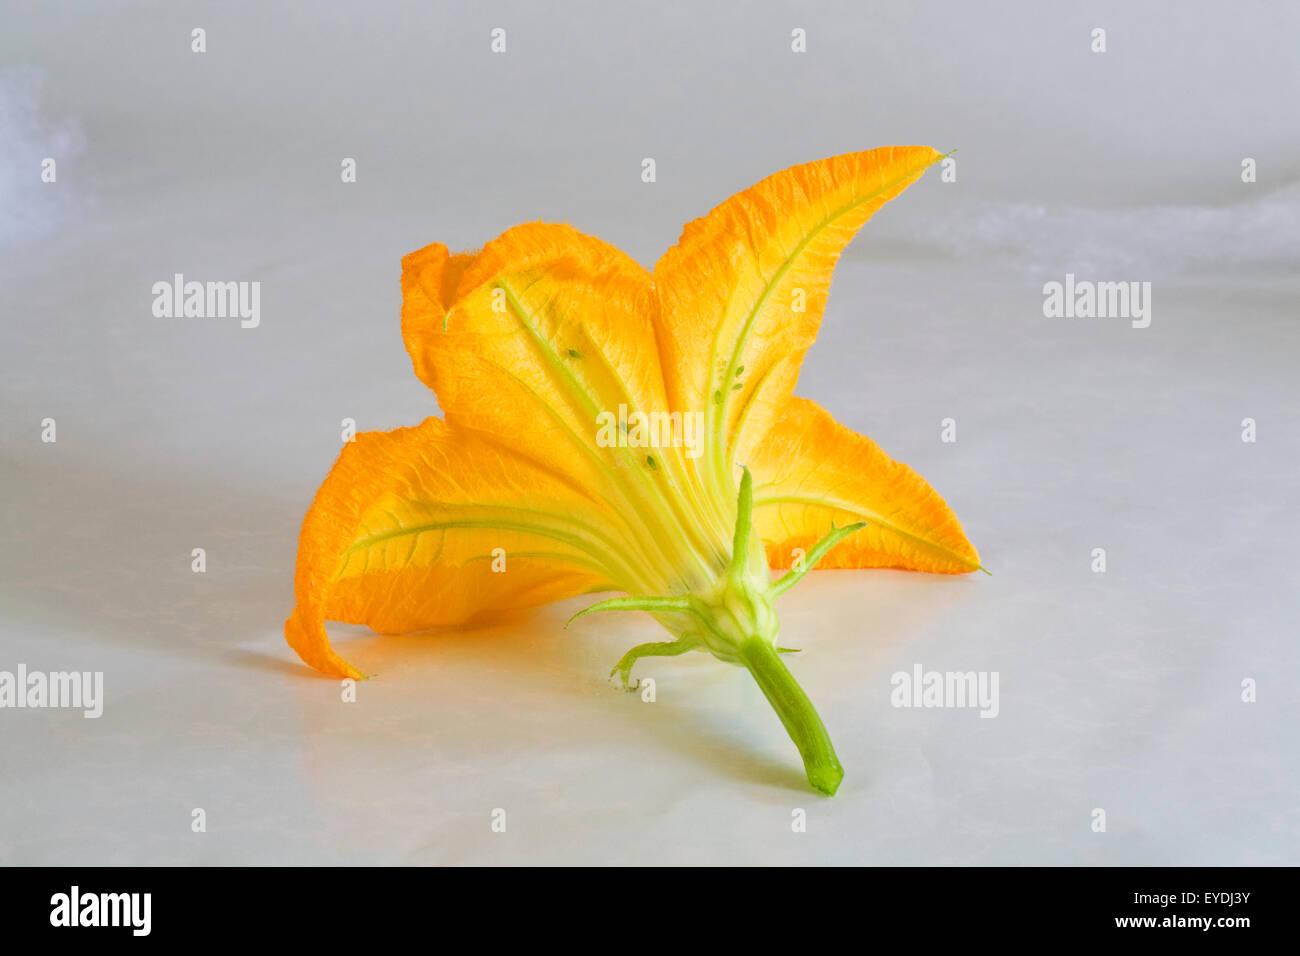 Una flor macho o flor de una planta de zapallo italiano Imagen De Stock